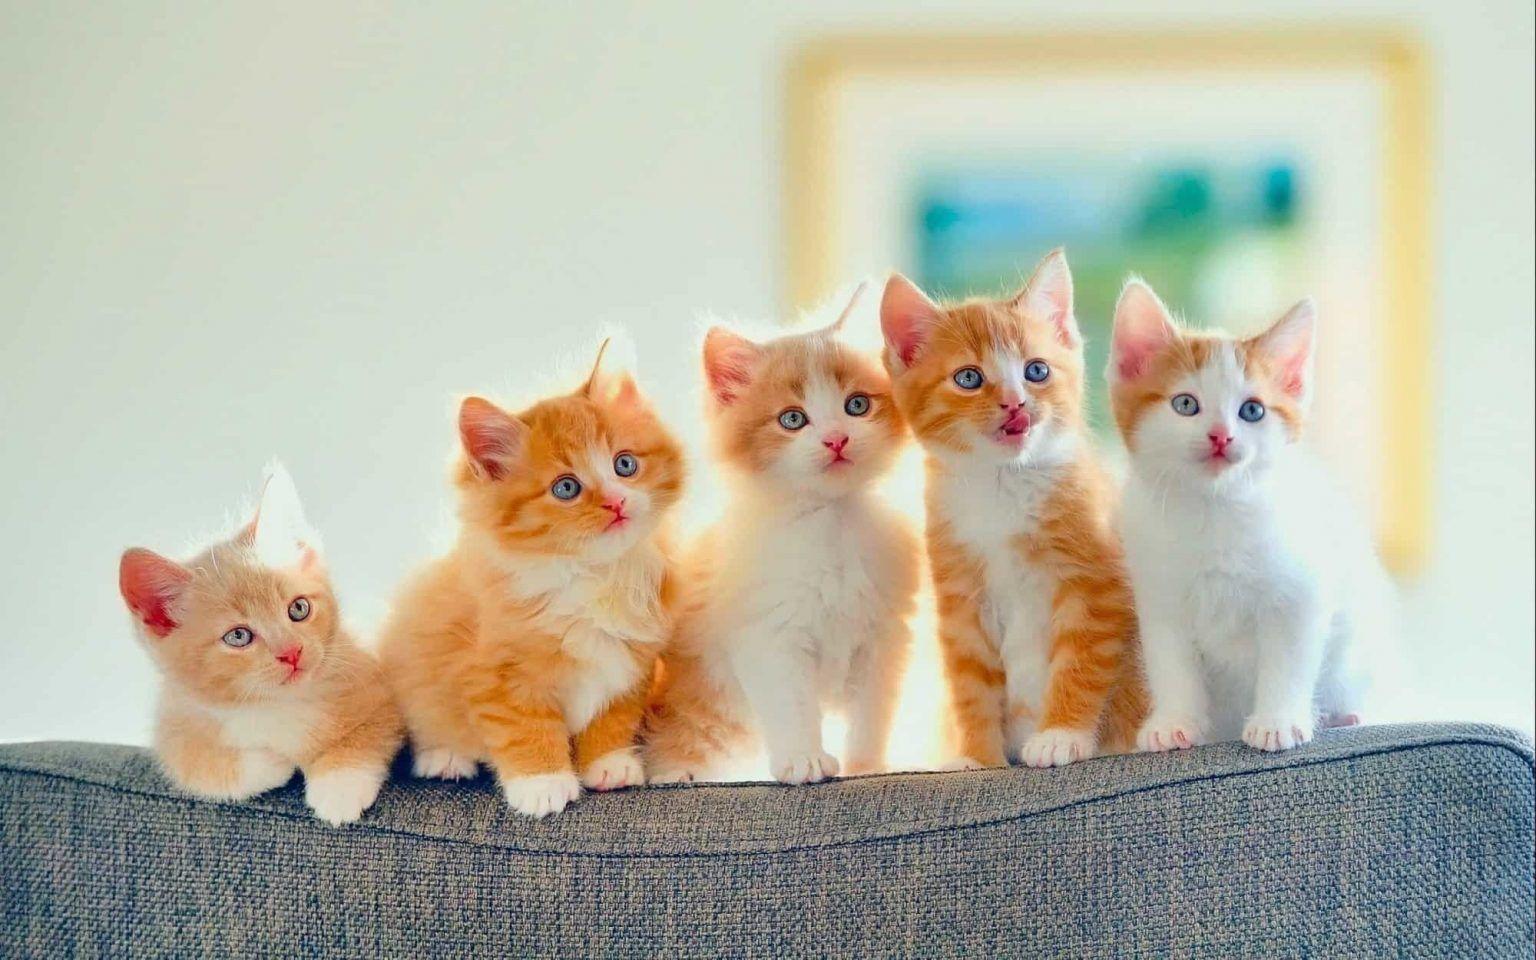 أهم 180 دلالة لتفسير حلم القطة في المنام موقع مصري In 2021 Kittens Cutest Cute Cats Cats And Kittens